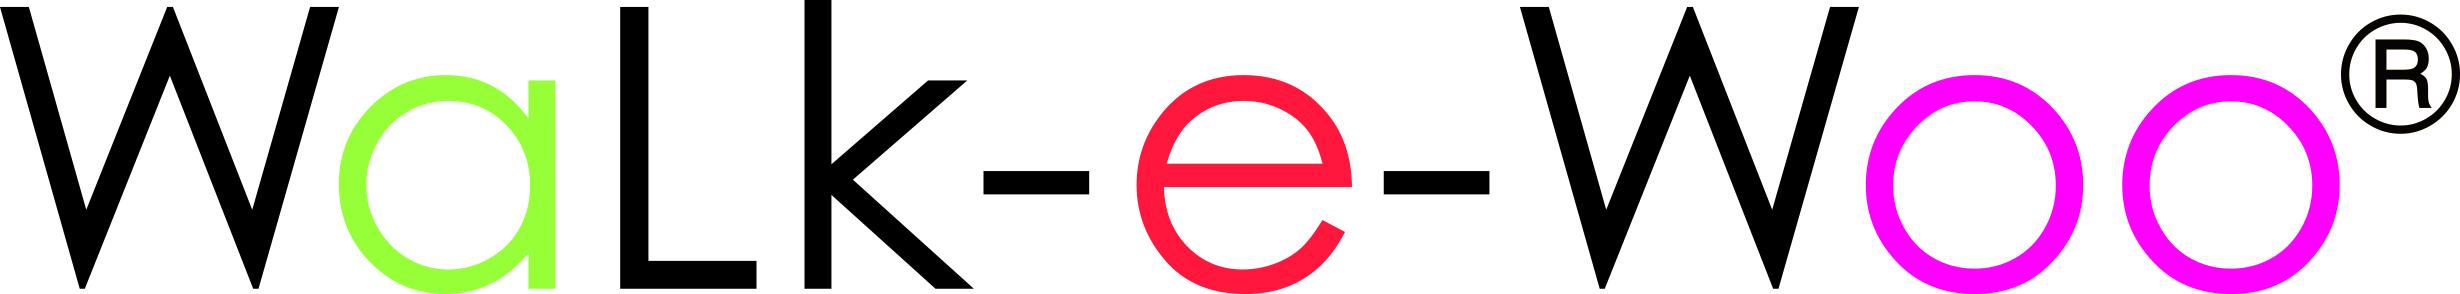 walkewoo logo high rez.jpg